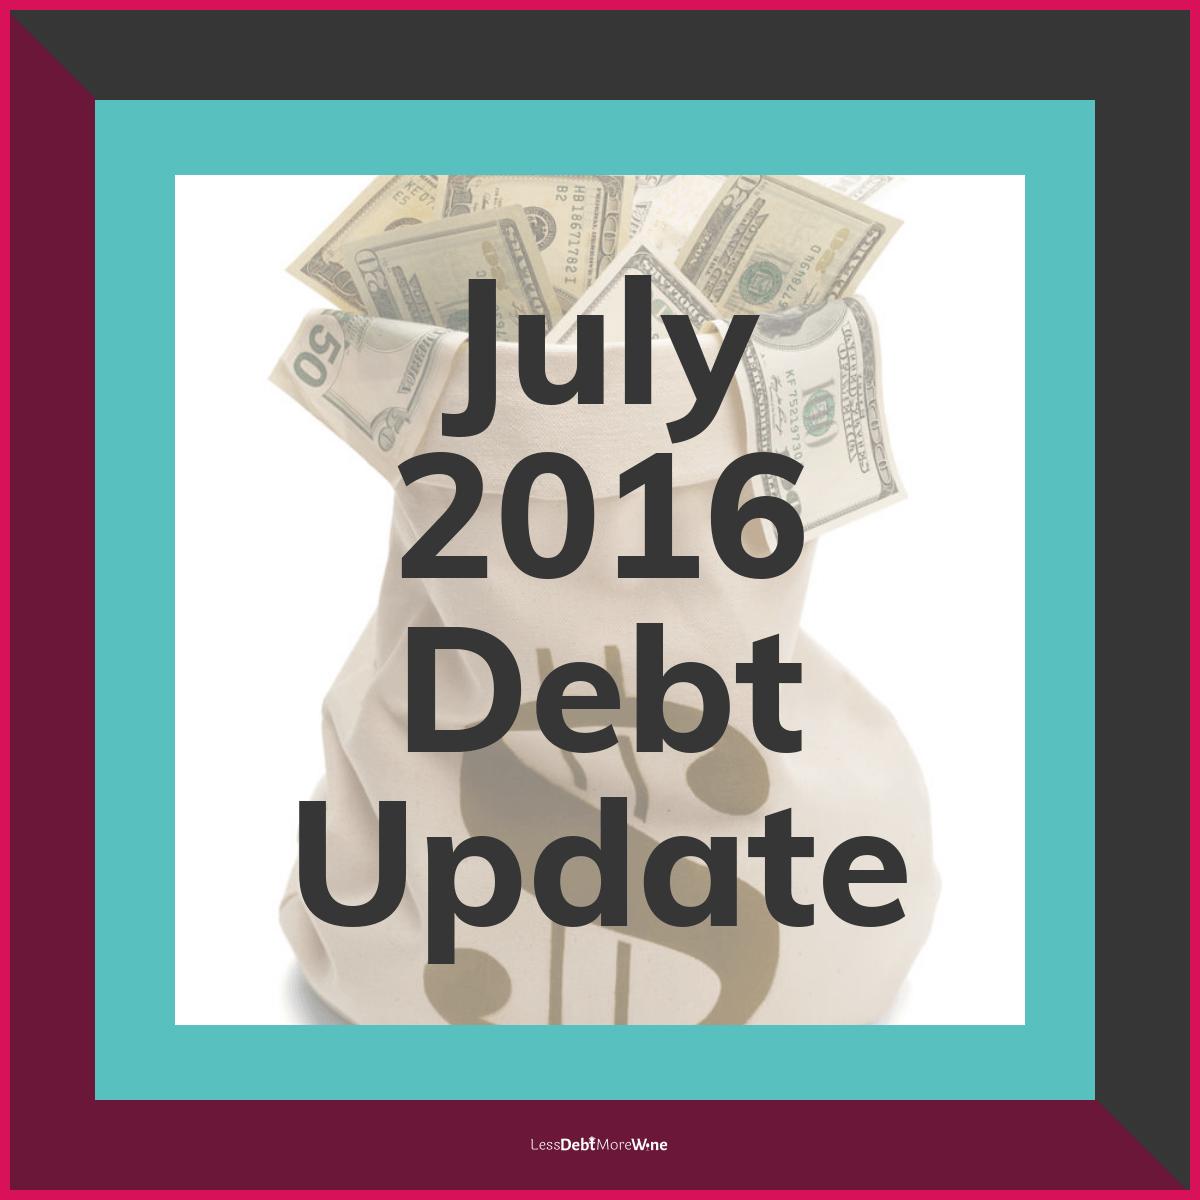 July 2016 Debt Update, debt payoff progress